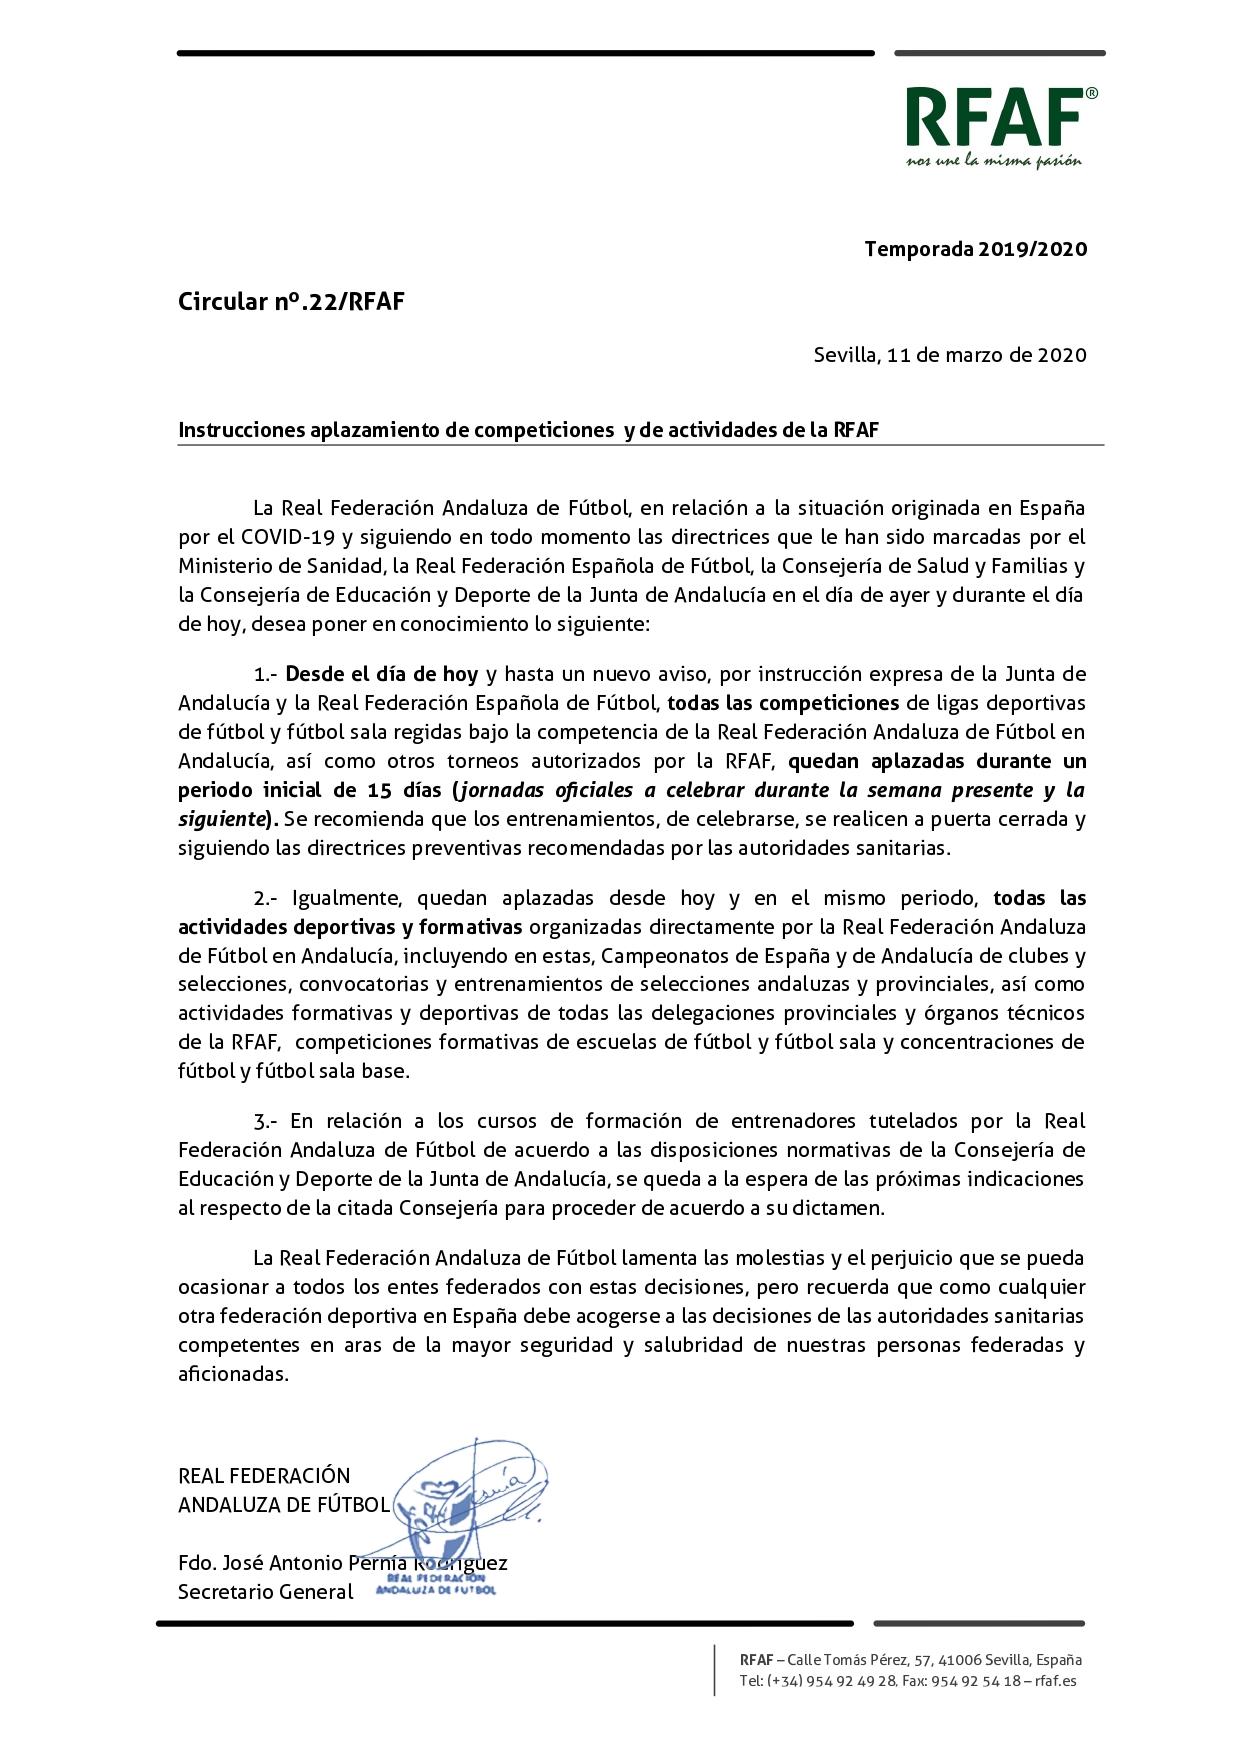 Circular RFAF aplazamiento competiciones y actividades deportivas